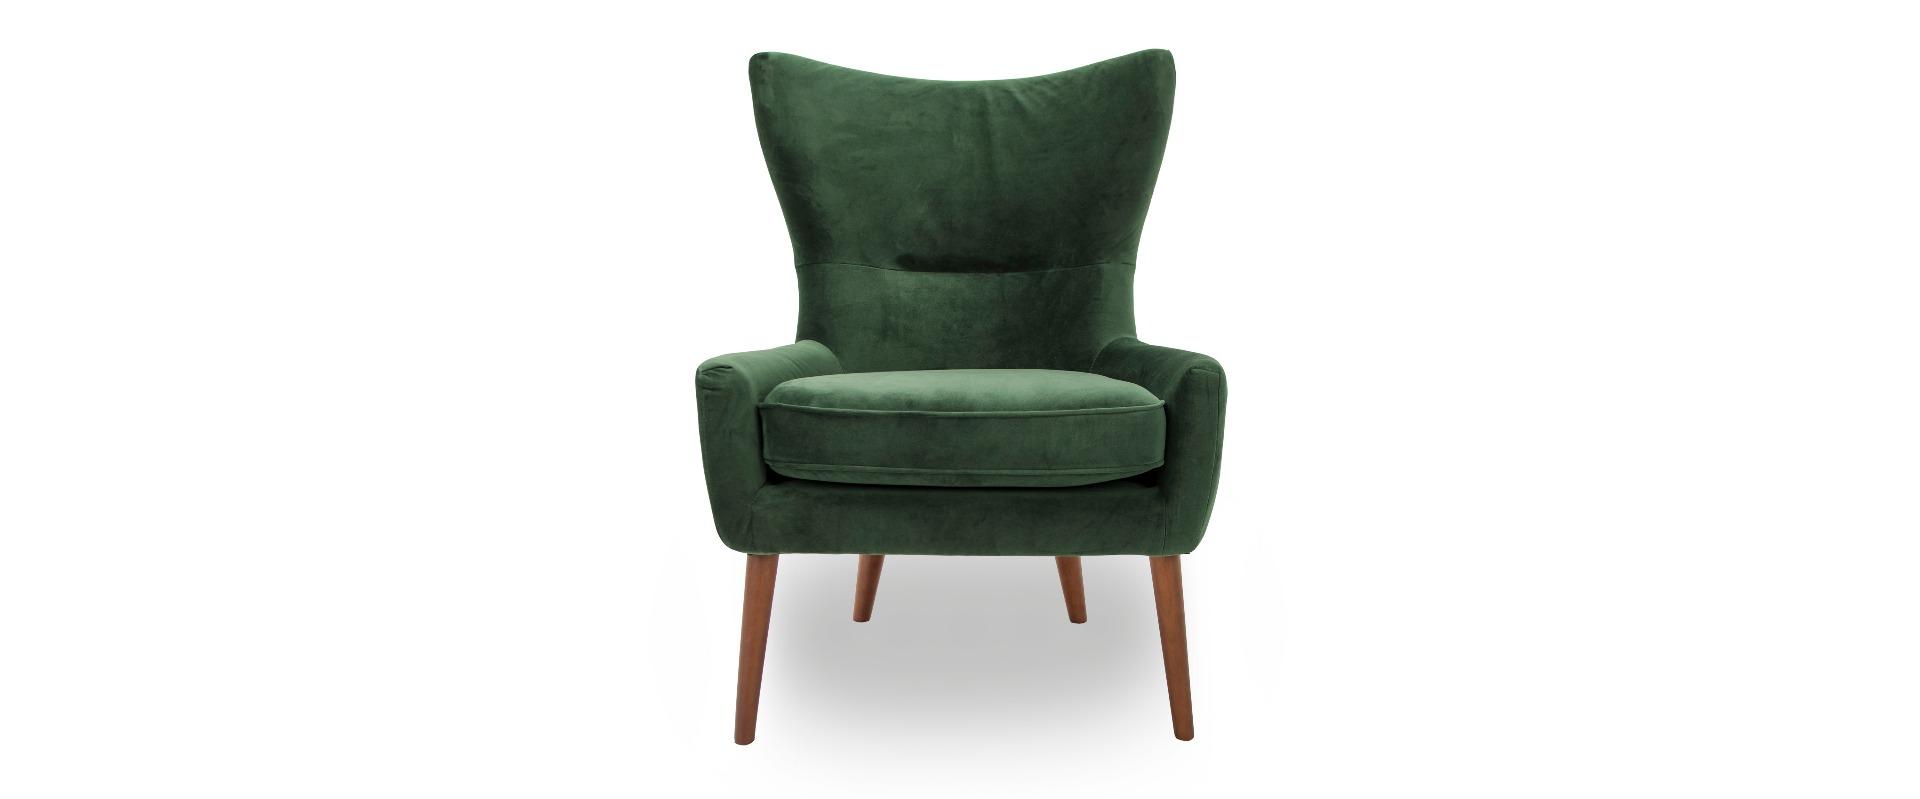 Godwin Green Velvet Accent Chair